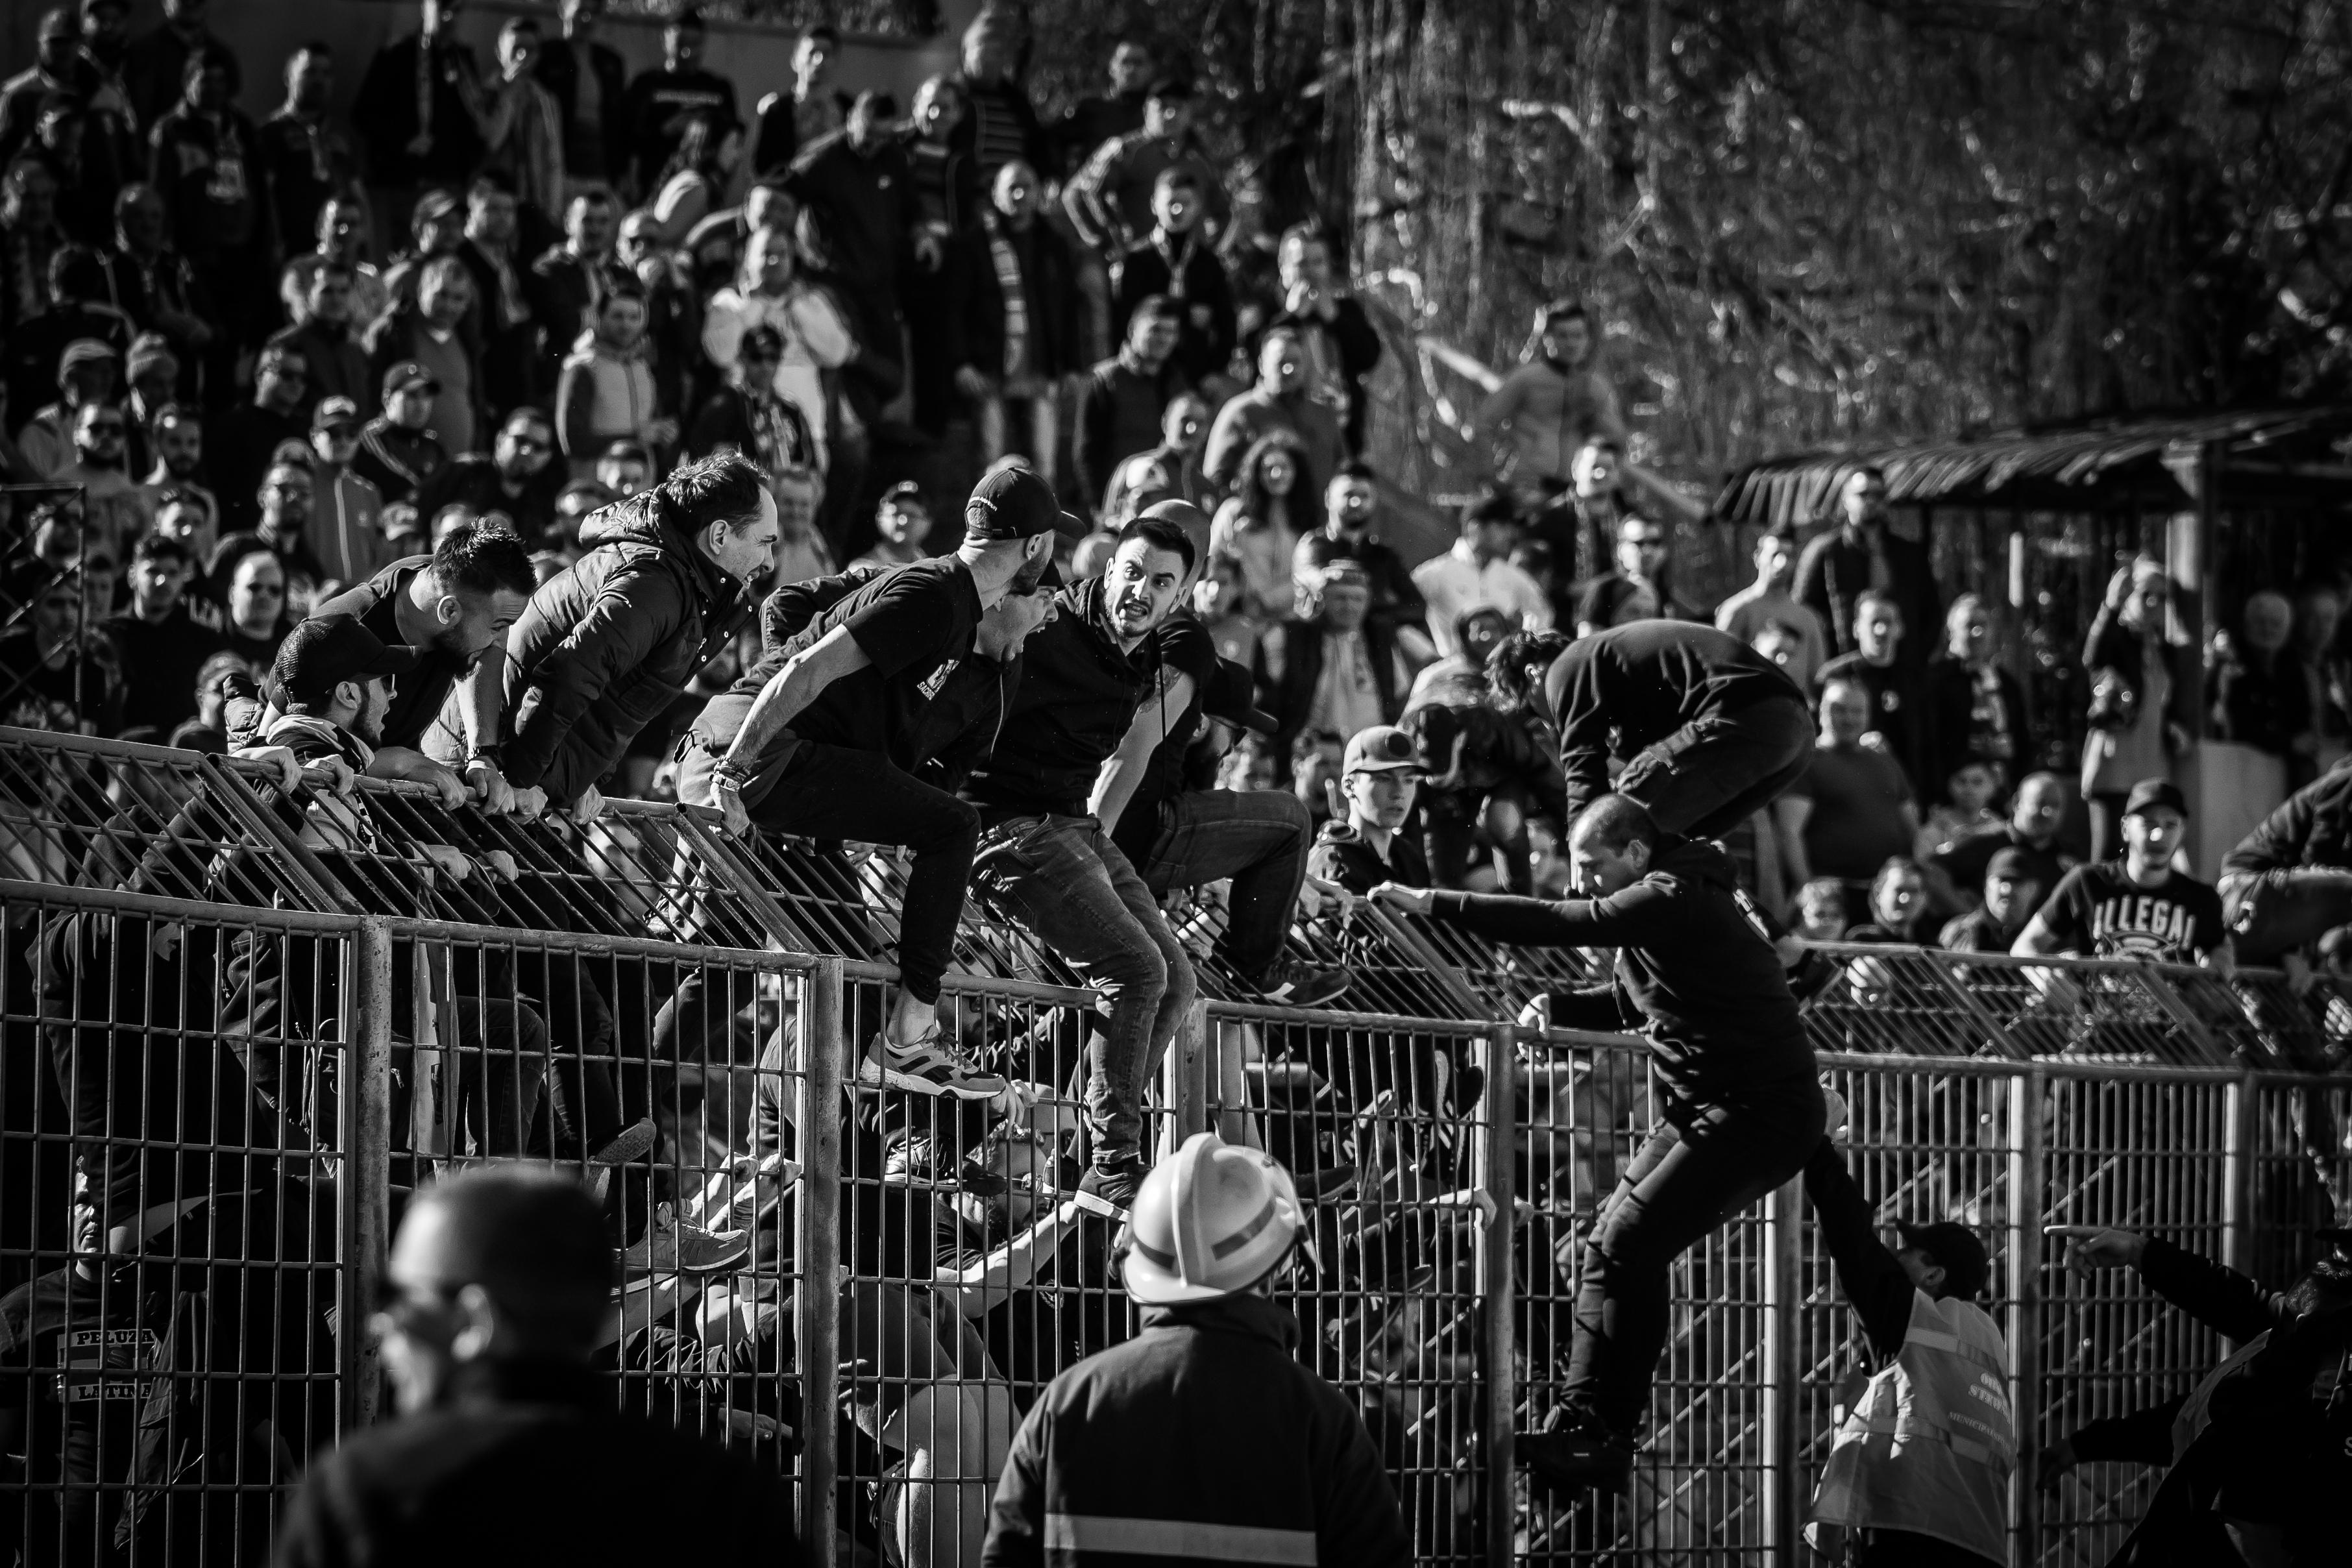 Fotbal și oameni - O poveste simplă, în doar câteva imagini